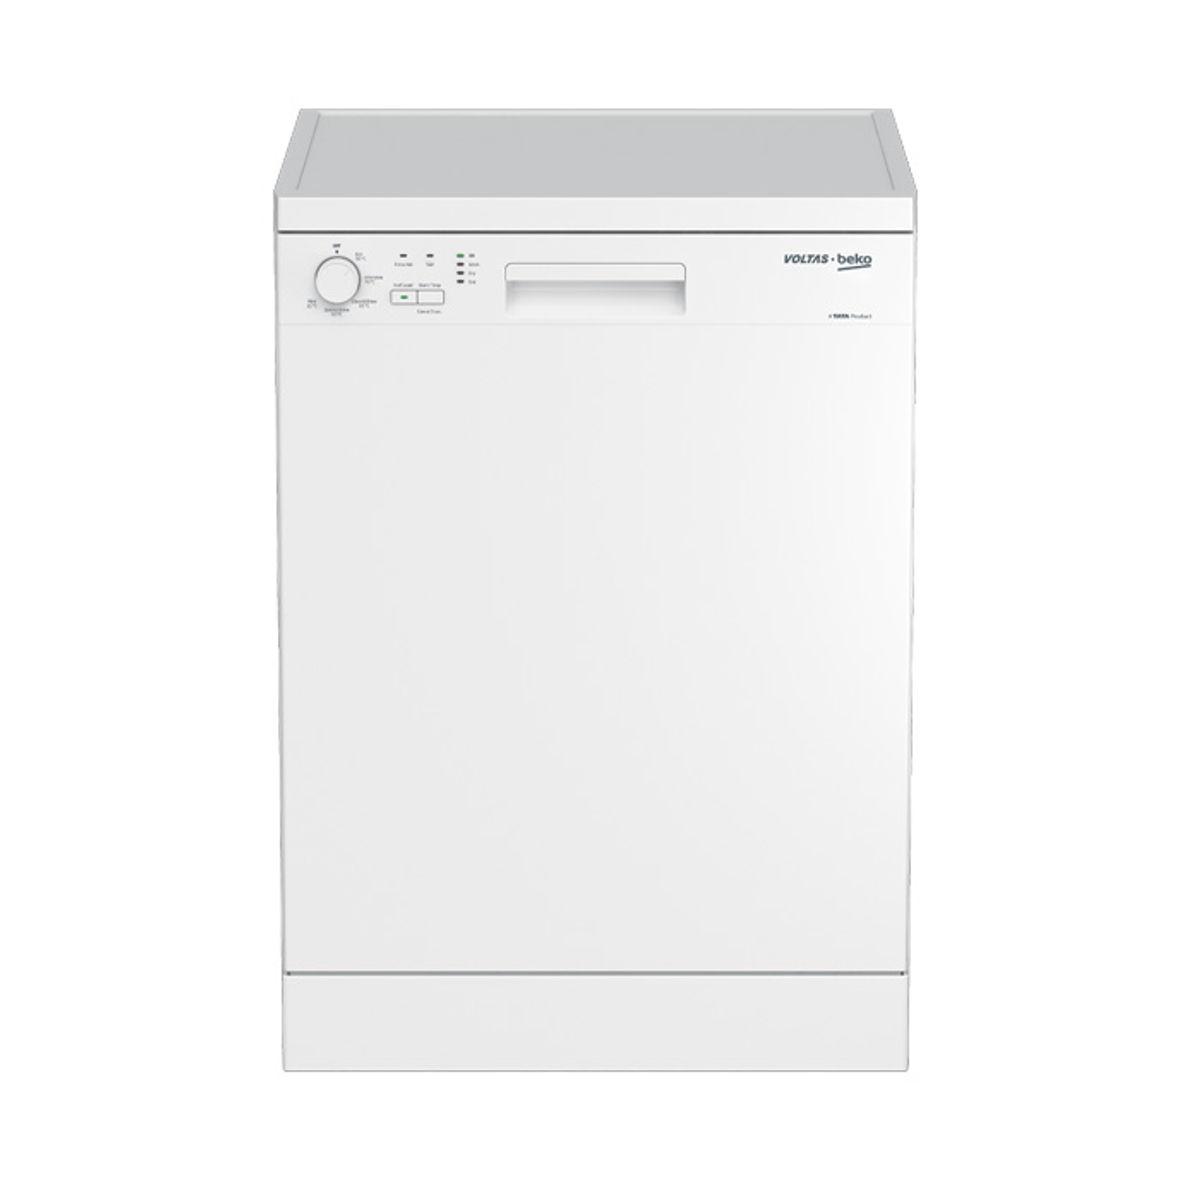 വോൾട്ടാസ് DF14W Dishwasher